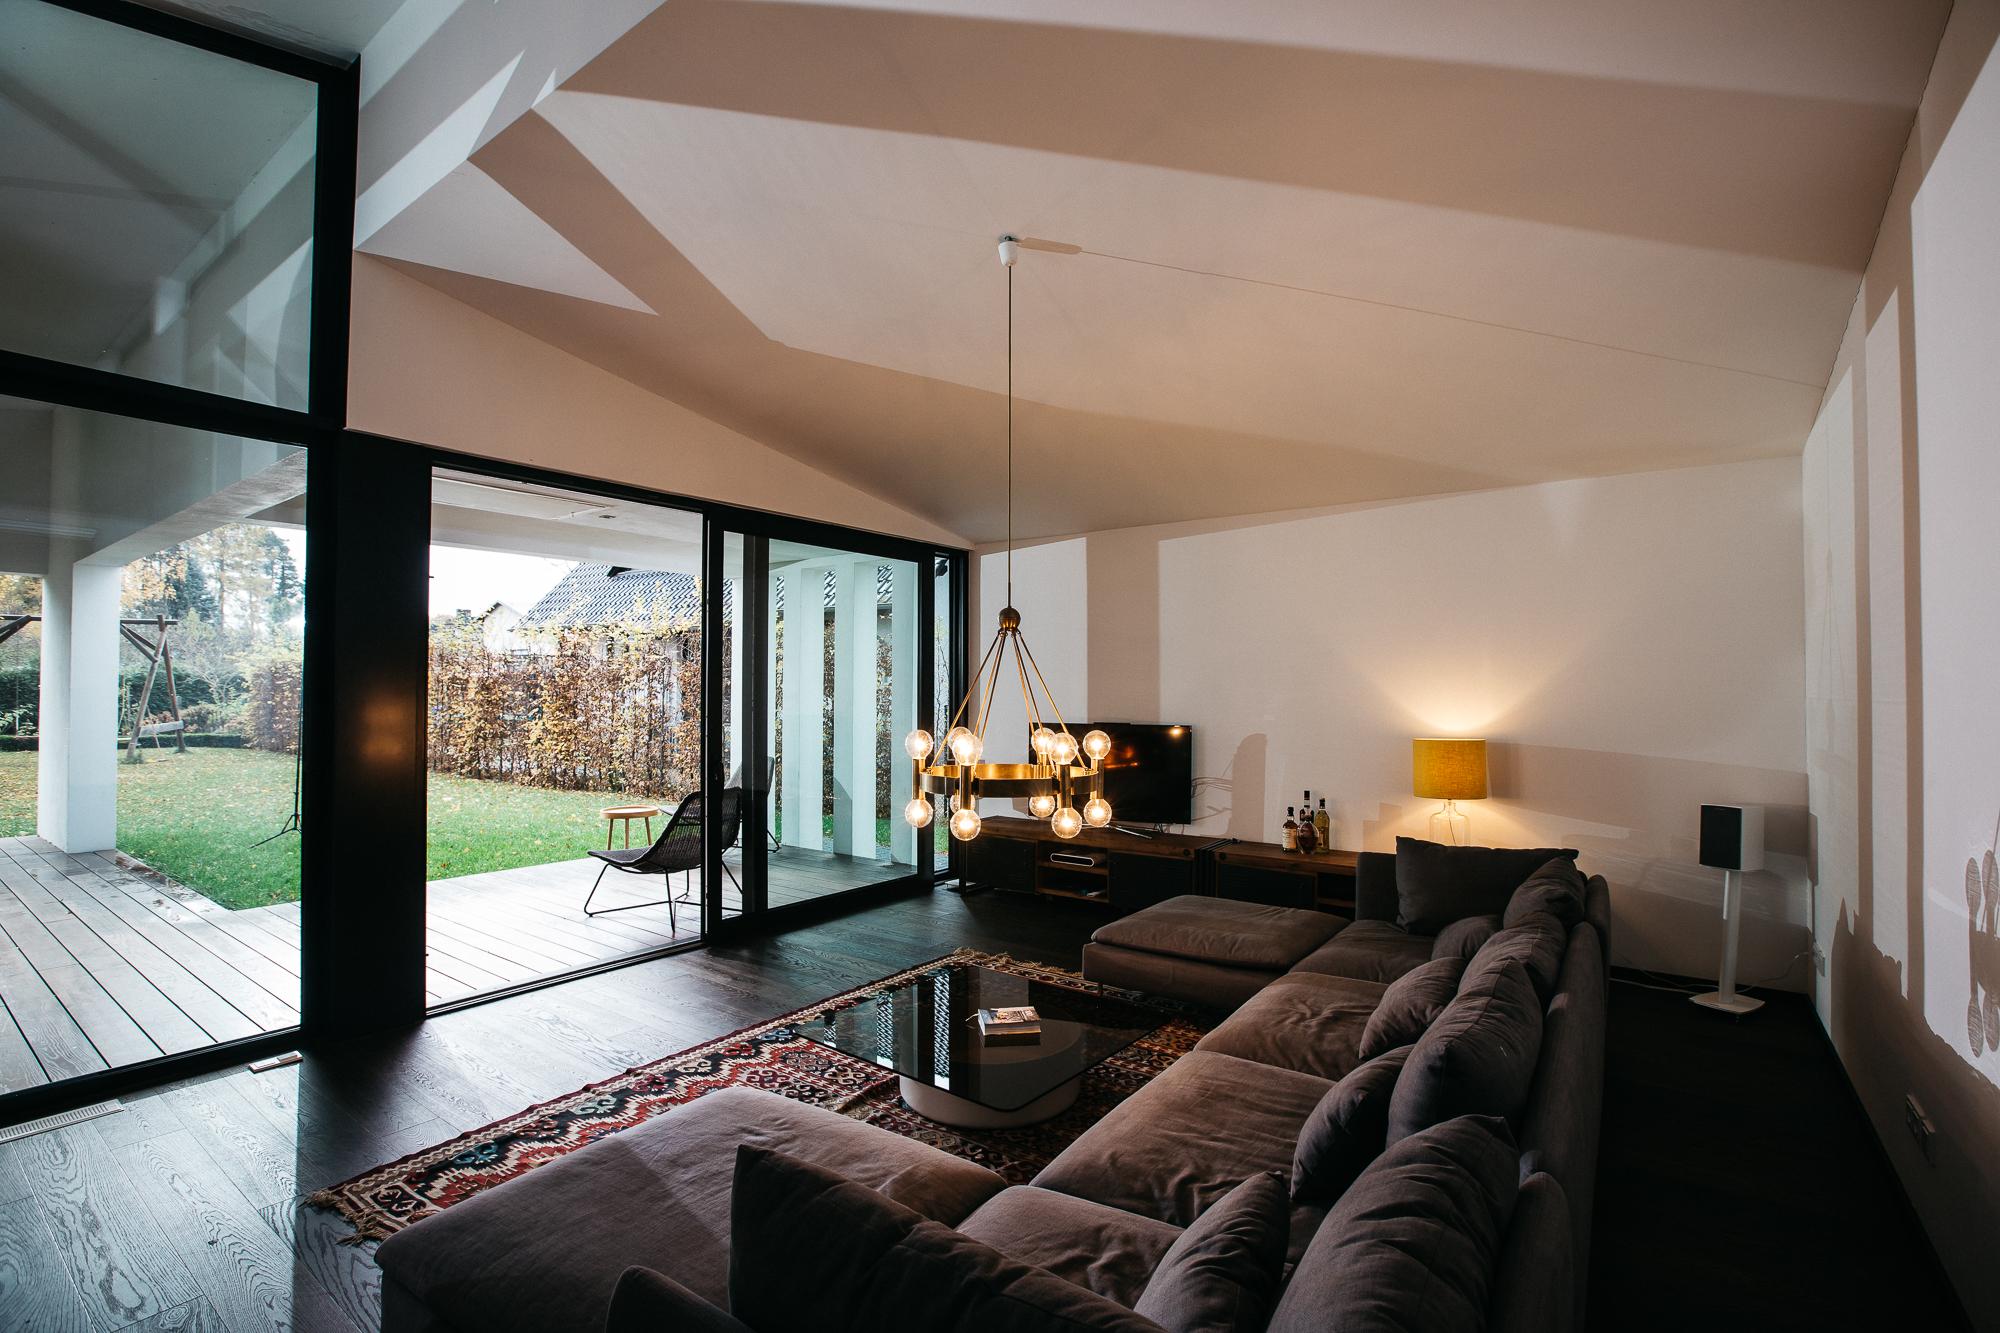 bungalow wandlitz privathaus iox architekten. Black Bedroom Furniture Sets. Home Design Ideas